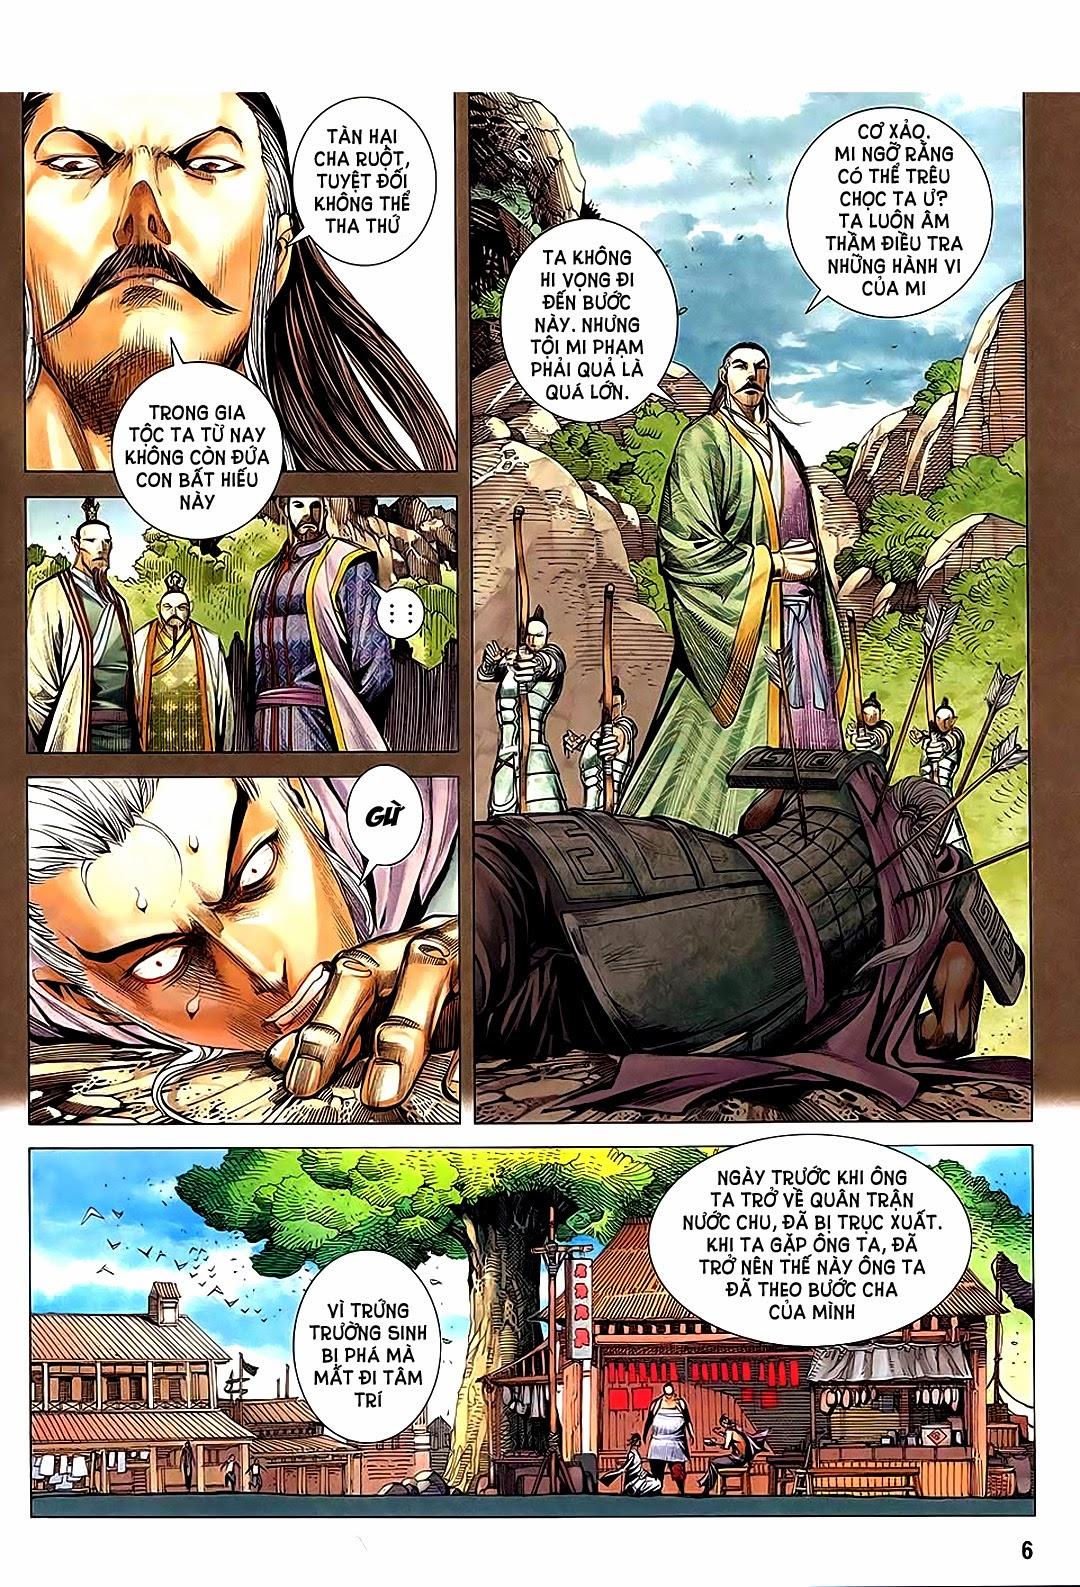 Phong Thần Ký Chap 182 - Trang 6